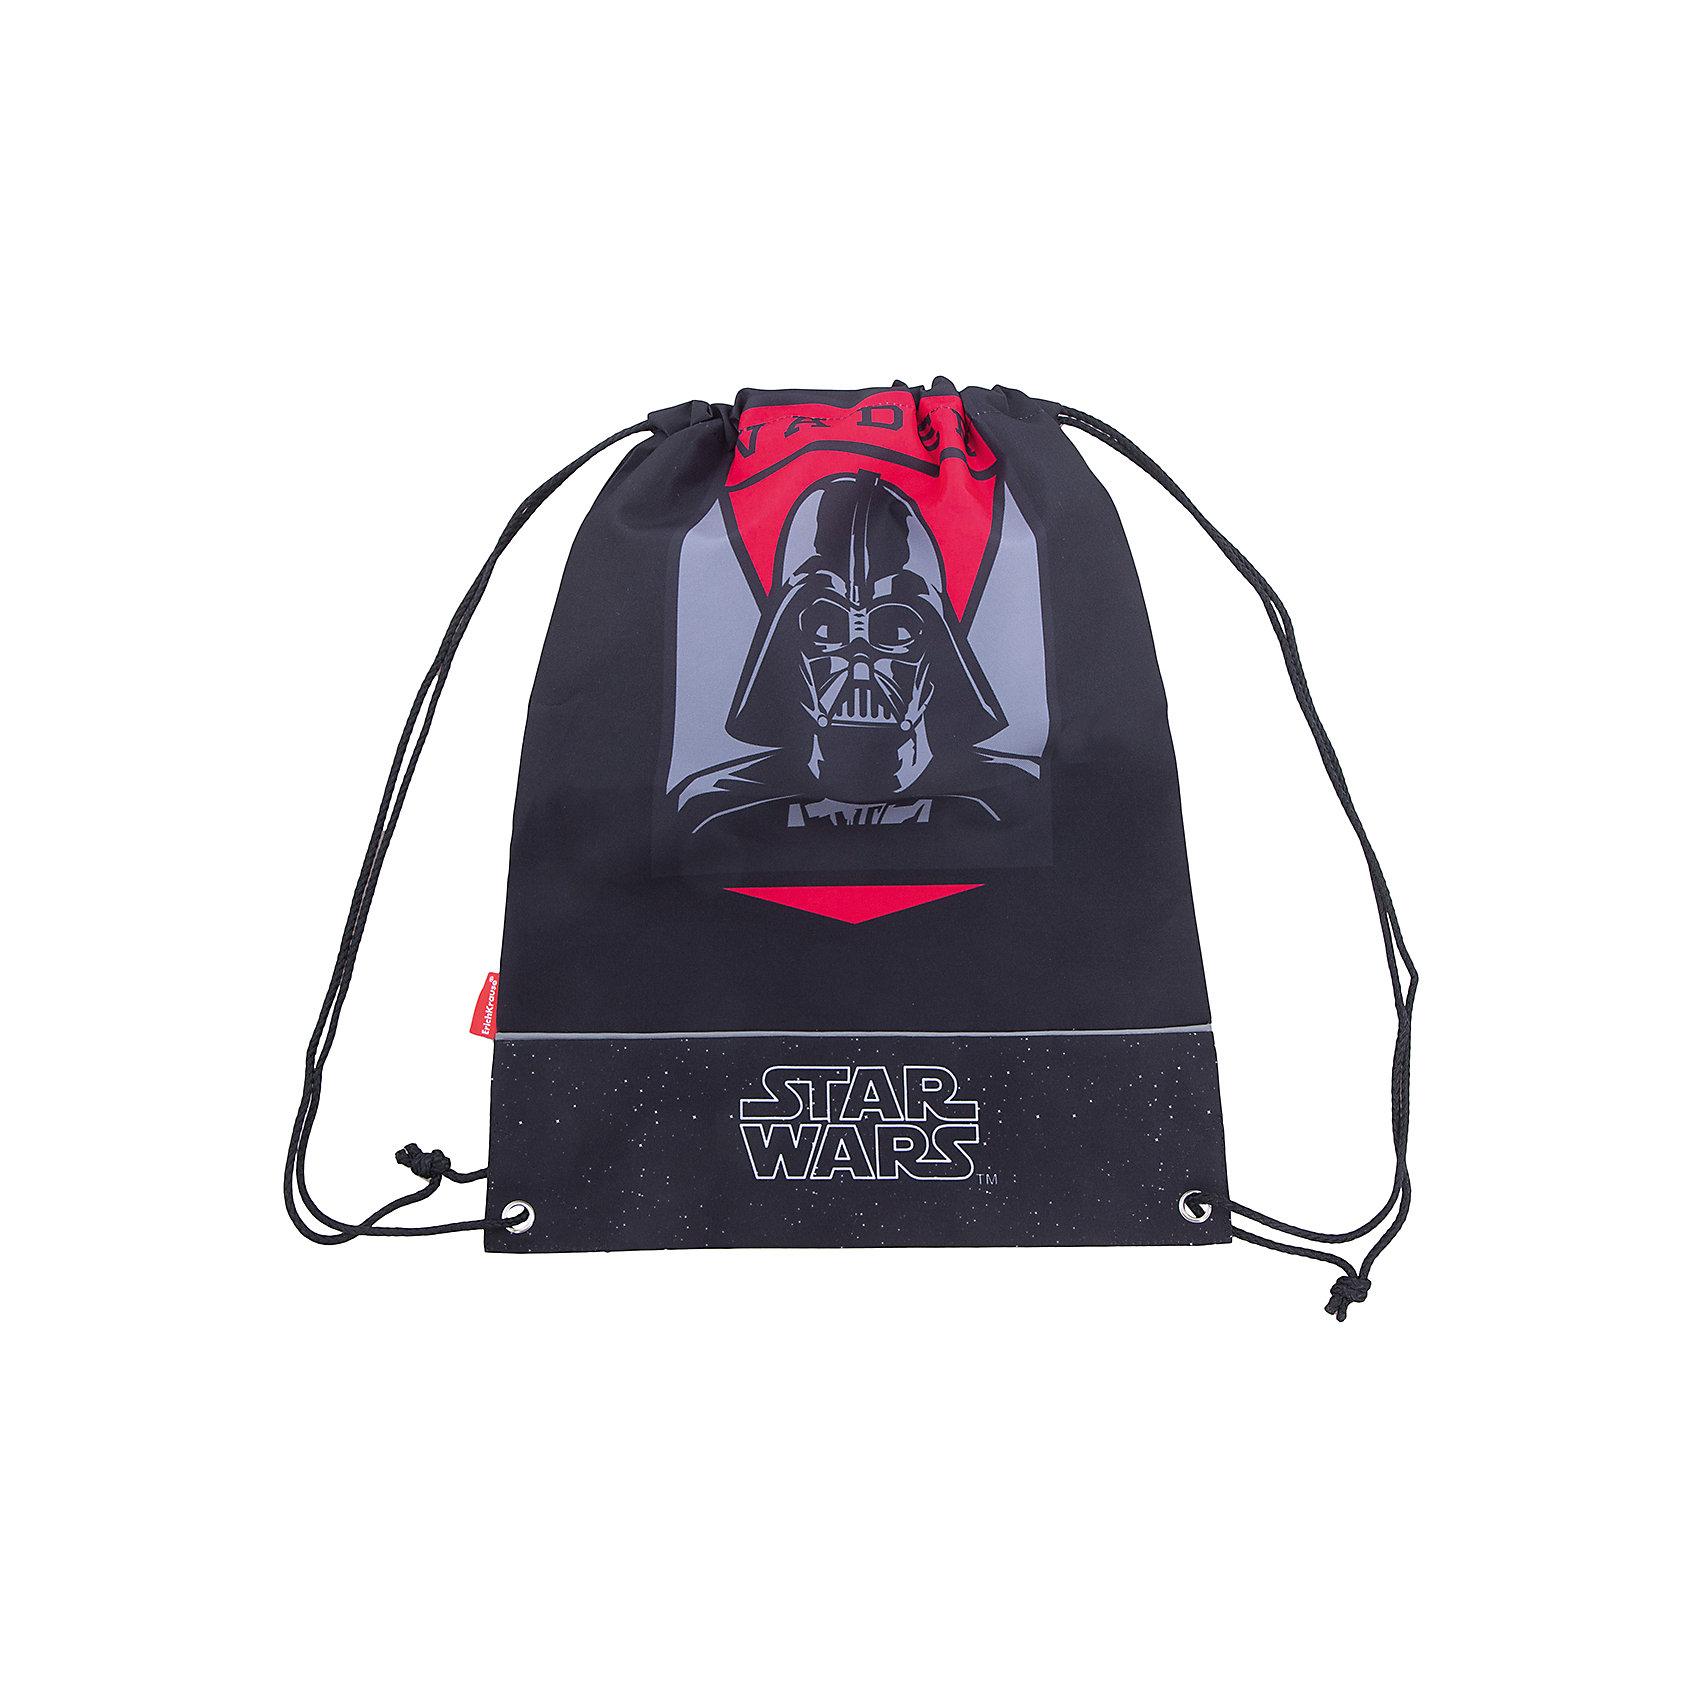 Сумка для сменной обуви Star WarsМешки для обуви<br>Характеристики товара:<br><br>• серия: Star Wars<br>• материал: полиэстер<br>• размер: 44х35х2 см<br>• страна изготовитель: Китай<br>• страна бренда: Германия<br><br>Мешок для обуви ErichKrause позволяет школьнику носить с собой сменную обувь – в школу или на секции. Мешок для обуви оснащен шнурком для стягивания. <br><br>Erich Krause Сумка для сменной обуви Star Wars можно купить в нашем интернет-магазине.<br><br>Ширина мм: 440<br>Глубина мм: 350<br>Высота мм: 10<br>Вес г: 90<br>Возраст от месяцев: 72<br>Возраст до месяцев: 96<br>Пол: Мужской<br>Возраст: Детский<br>SKU: 6842715